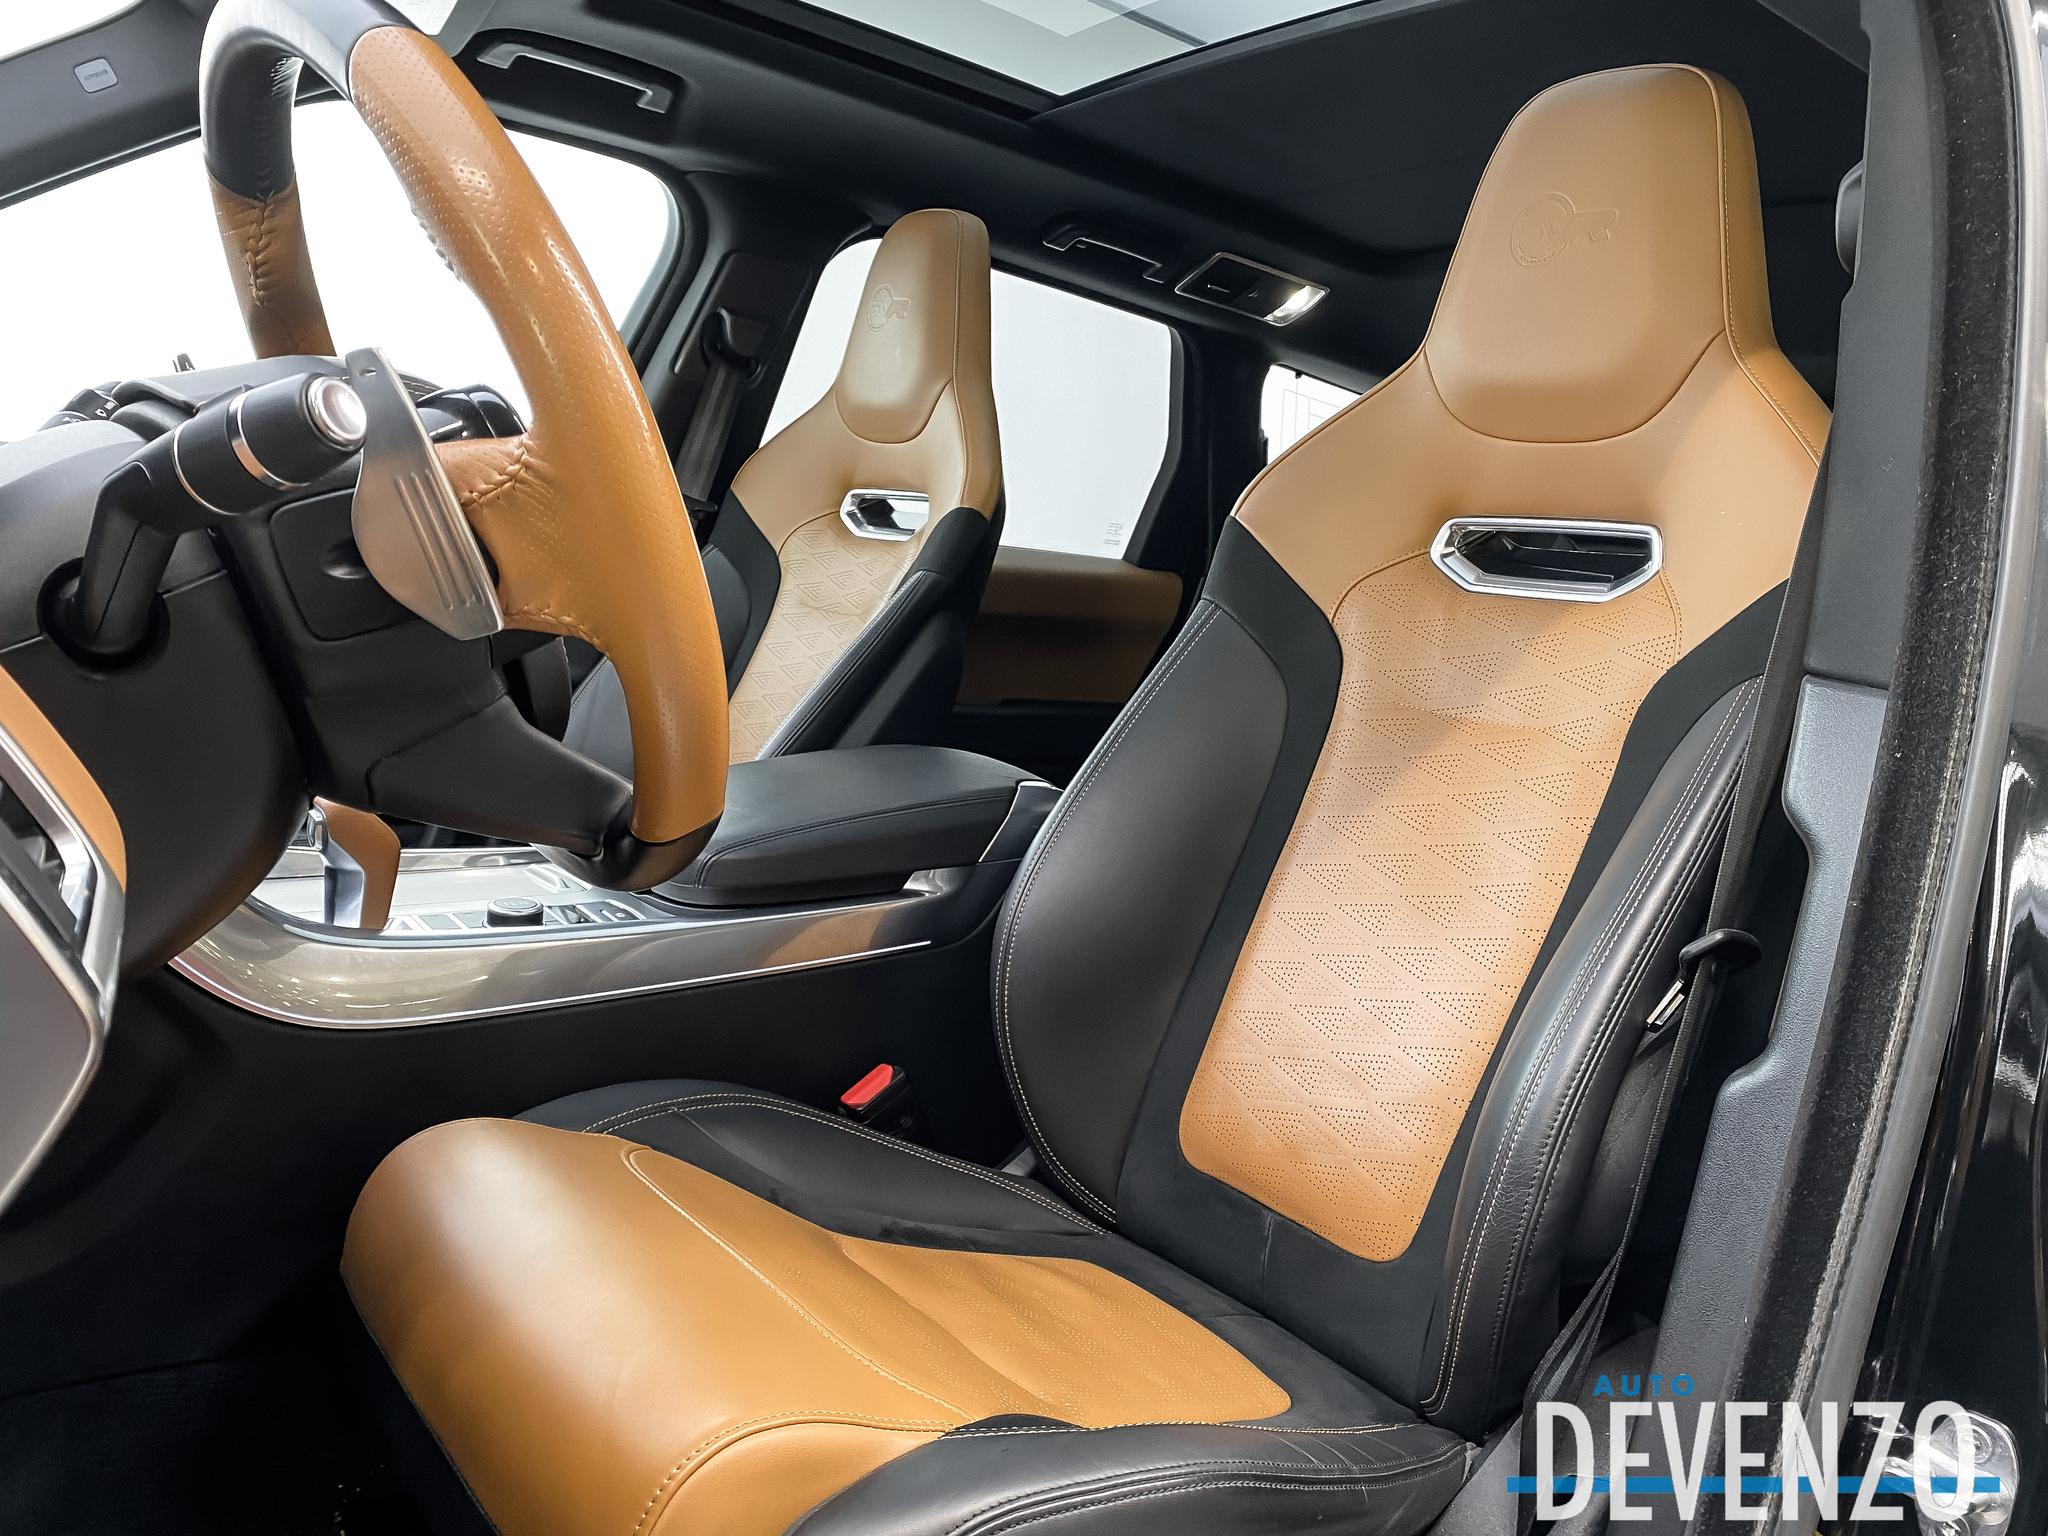 2018 Land Rover Range Rover Sport V8 Supercharged SVR Vintage Tan Leather WTY 05/22 complet